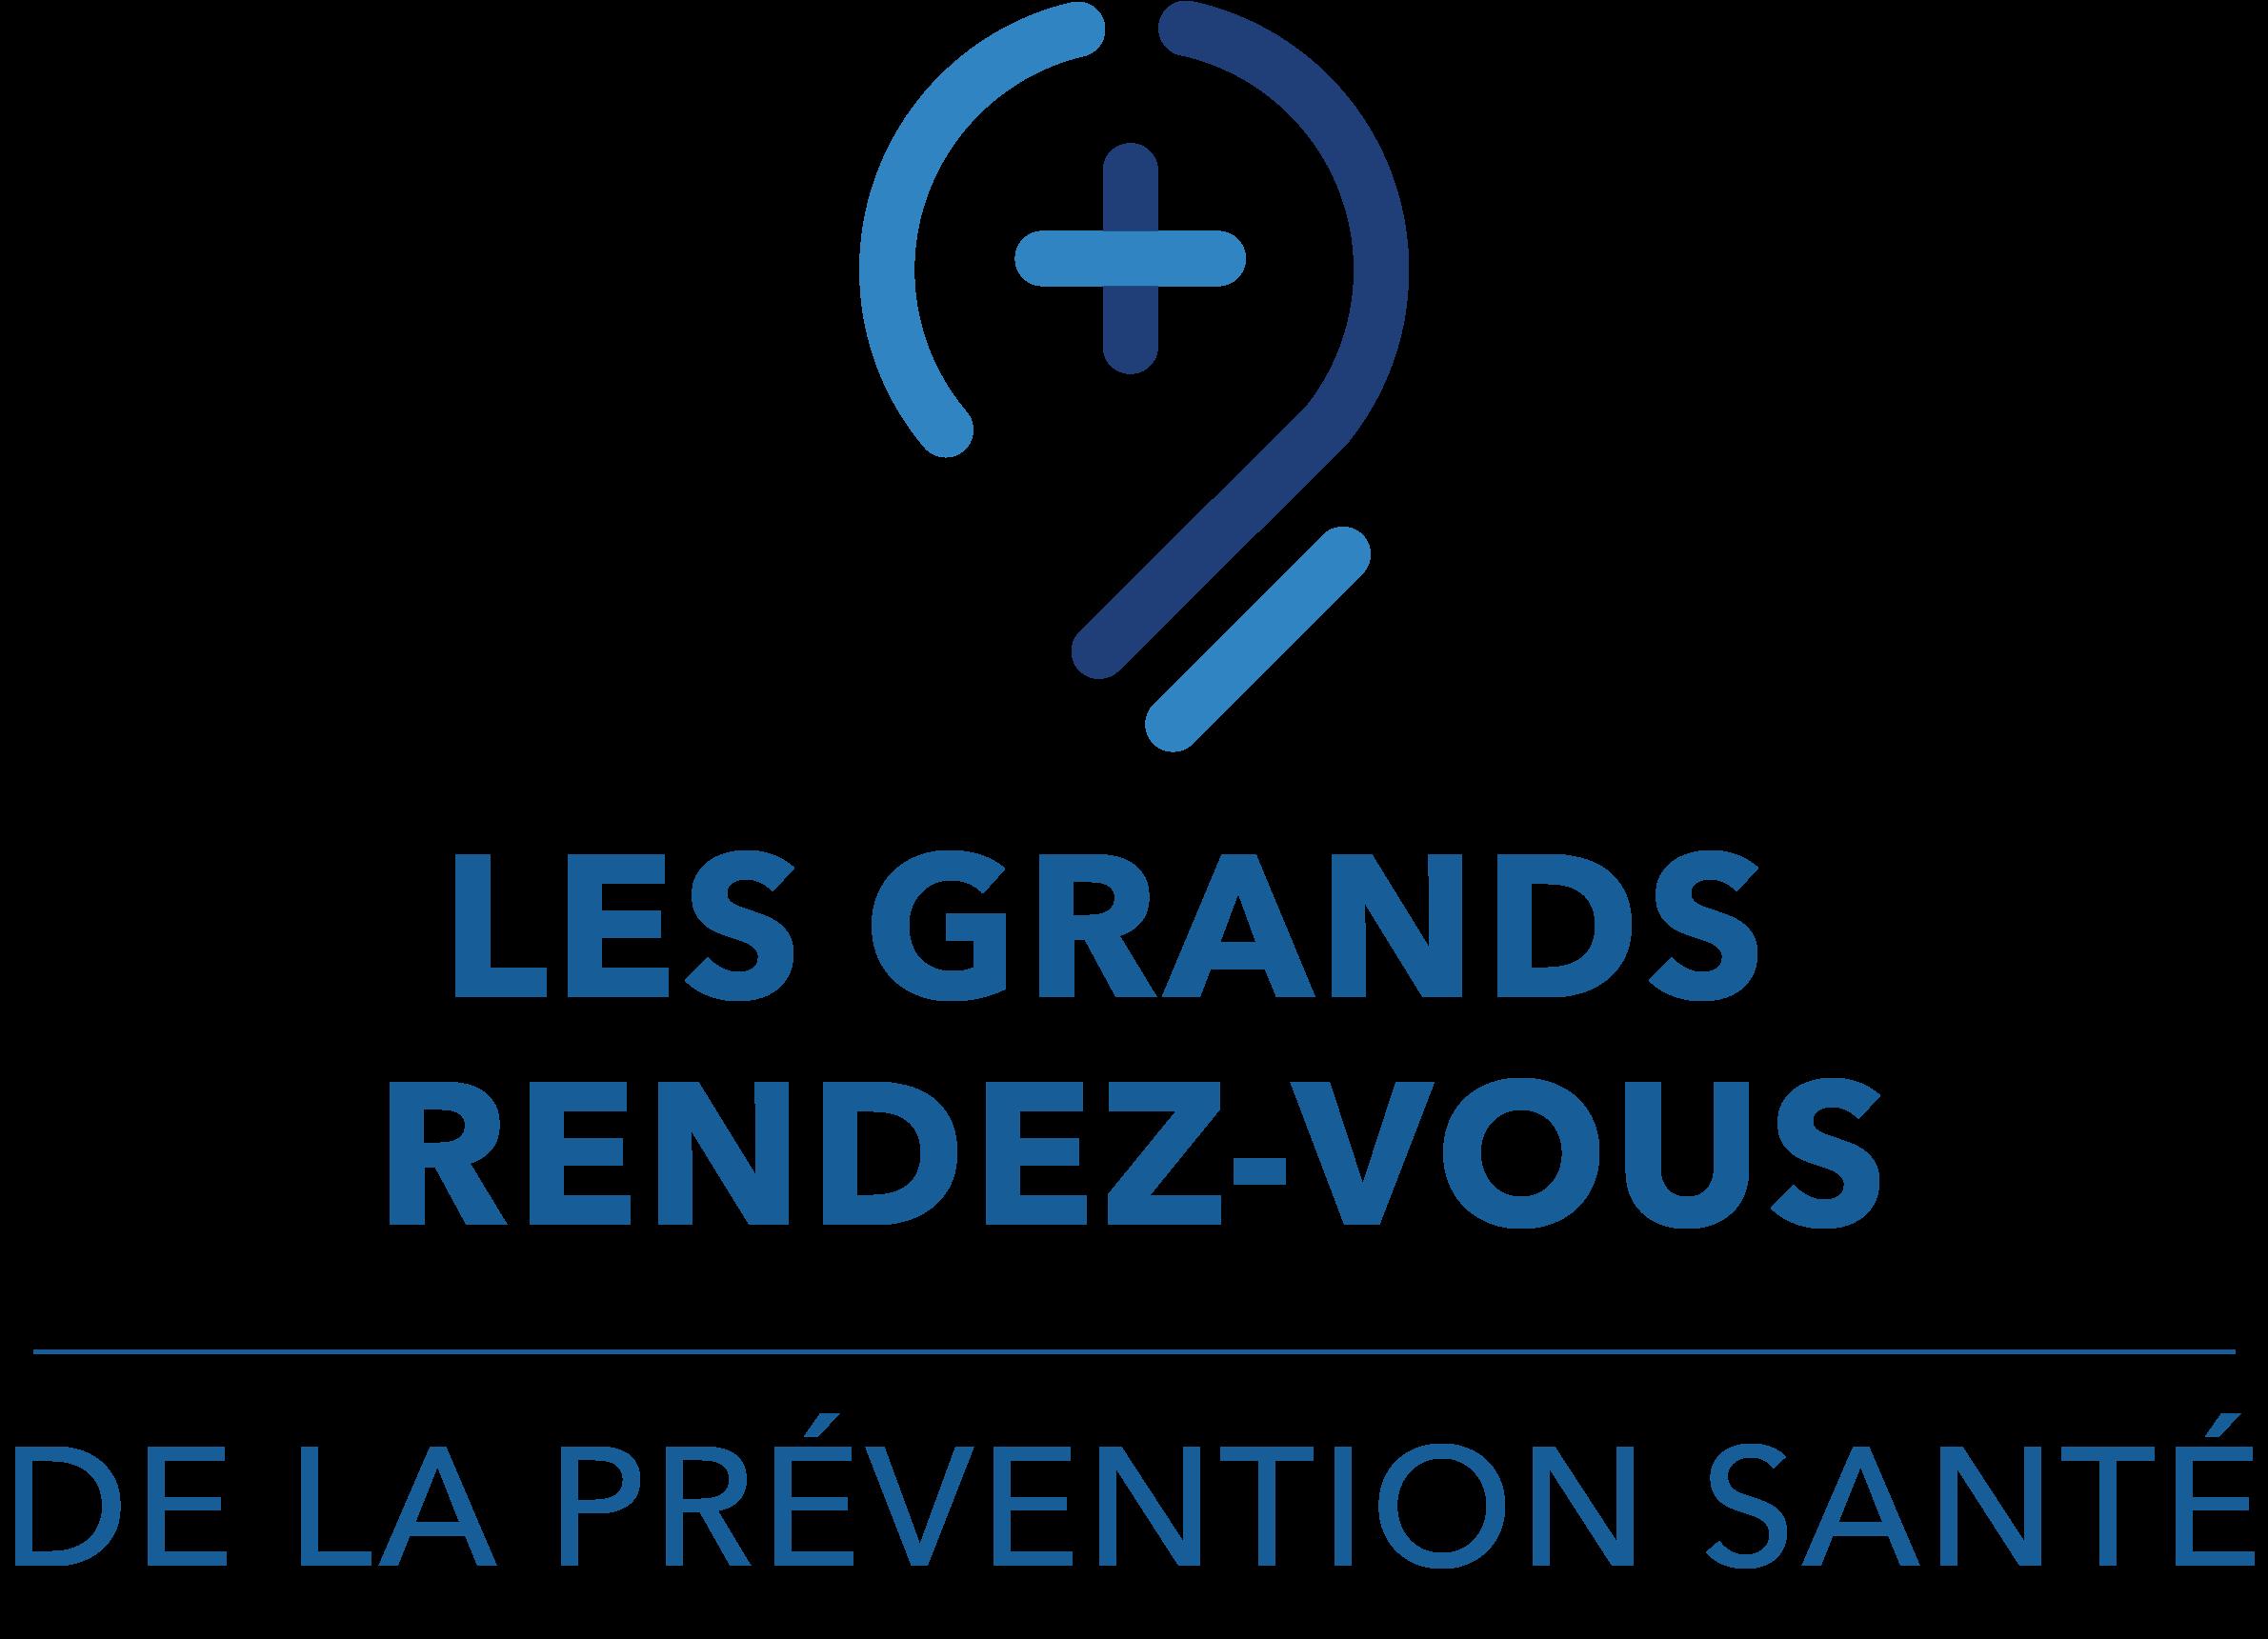 Les grands rendez-vous de la prévention santé UNIM - 25 mars 2021